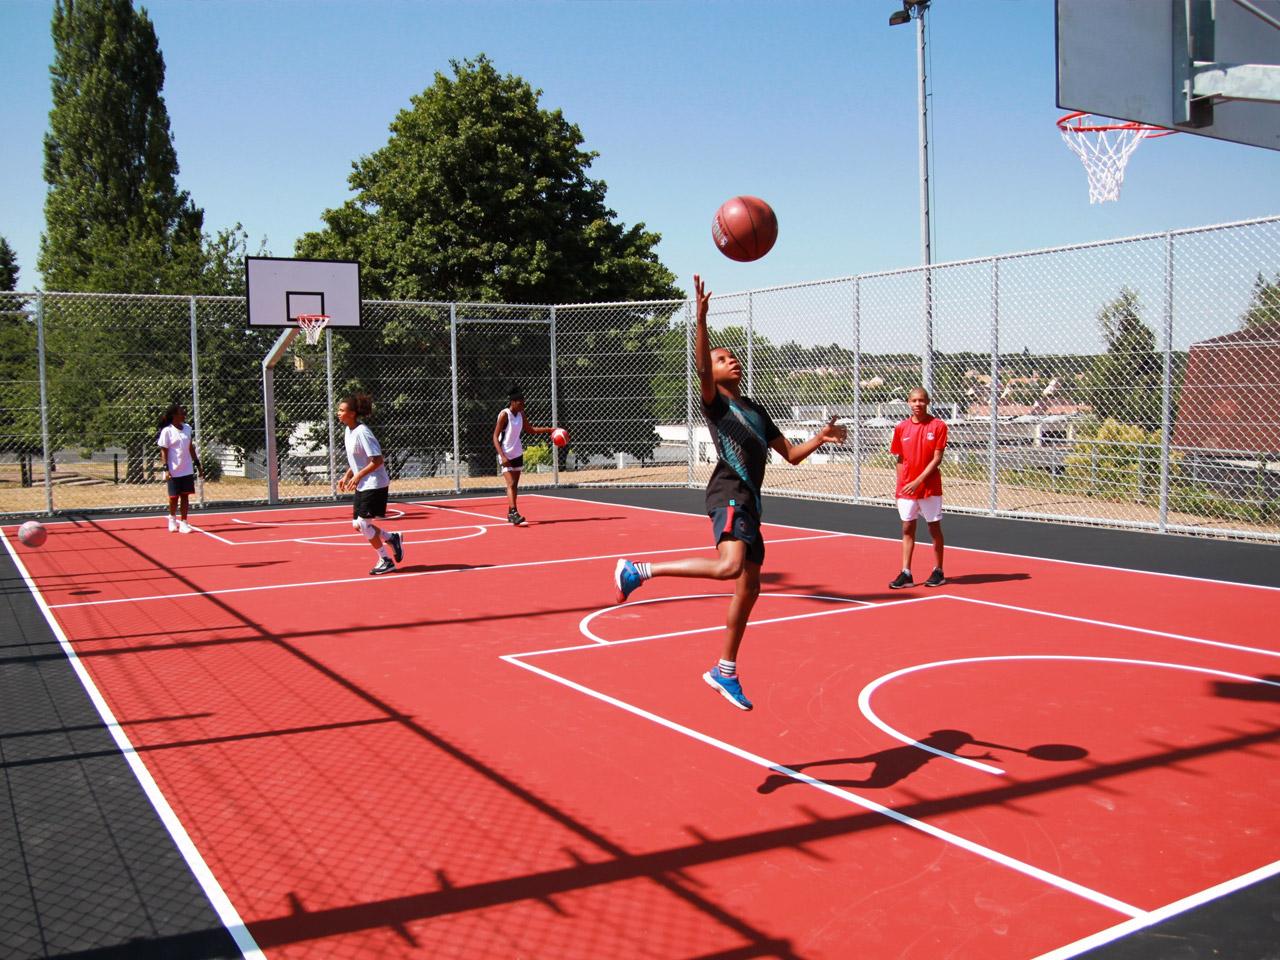 Sol Terrain De Basket technifence - sports, terrains multisports et aires de jeux